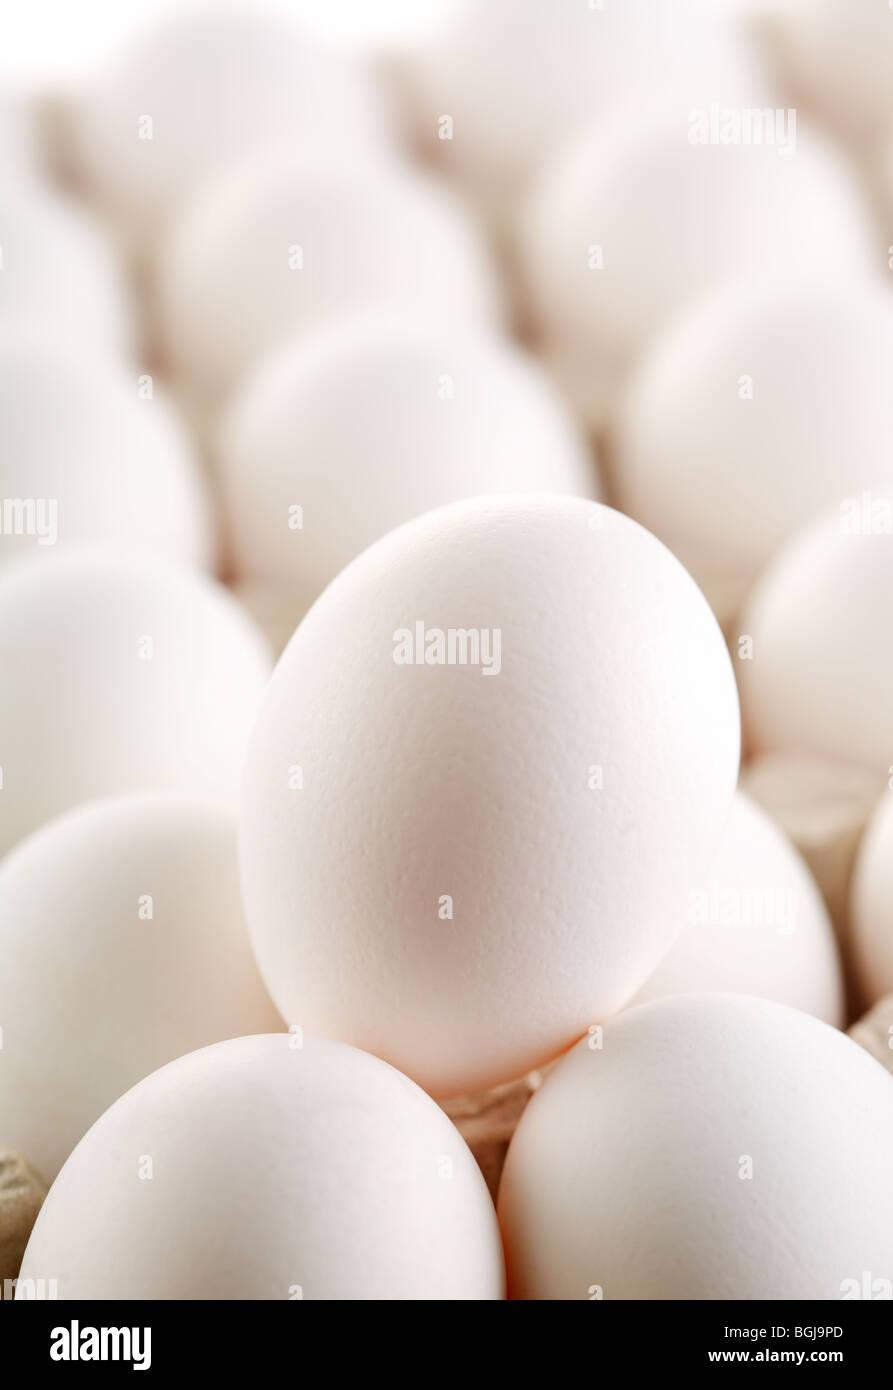 Les grands blancs d'oeufs blancs d'oeufs. Photo Stock